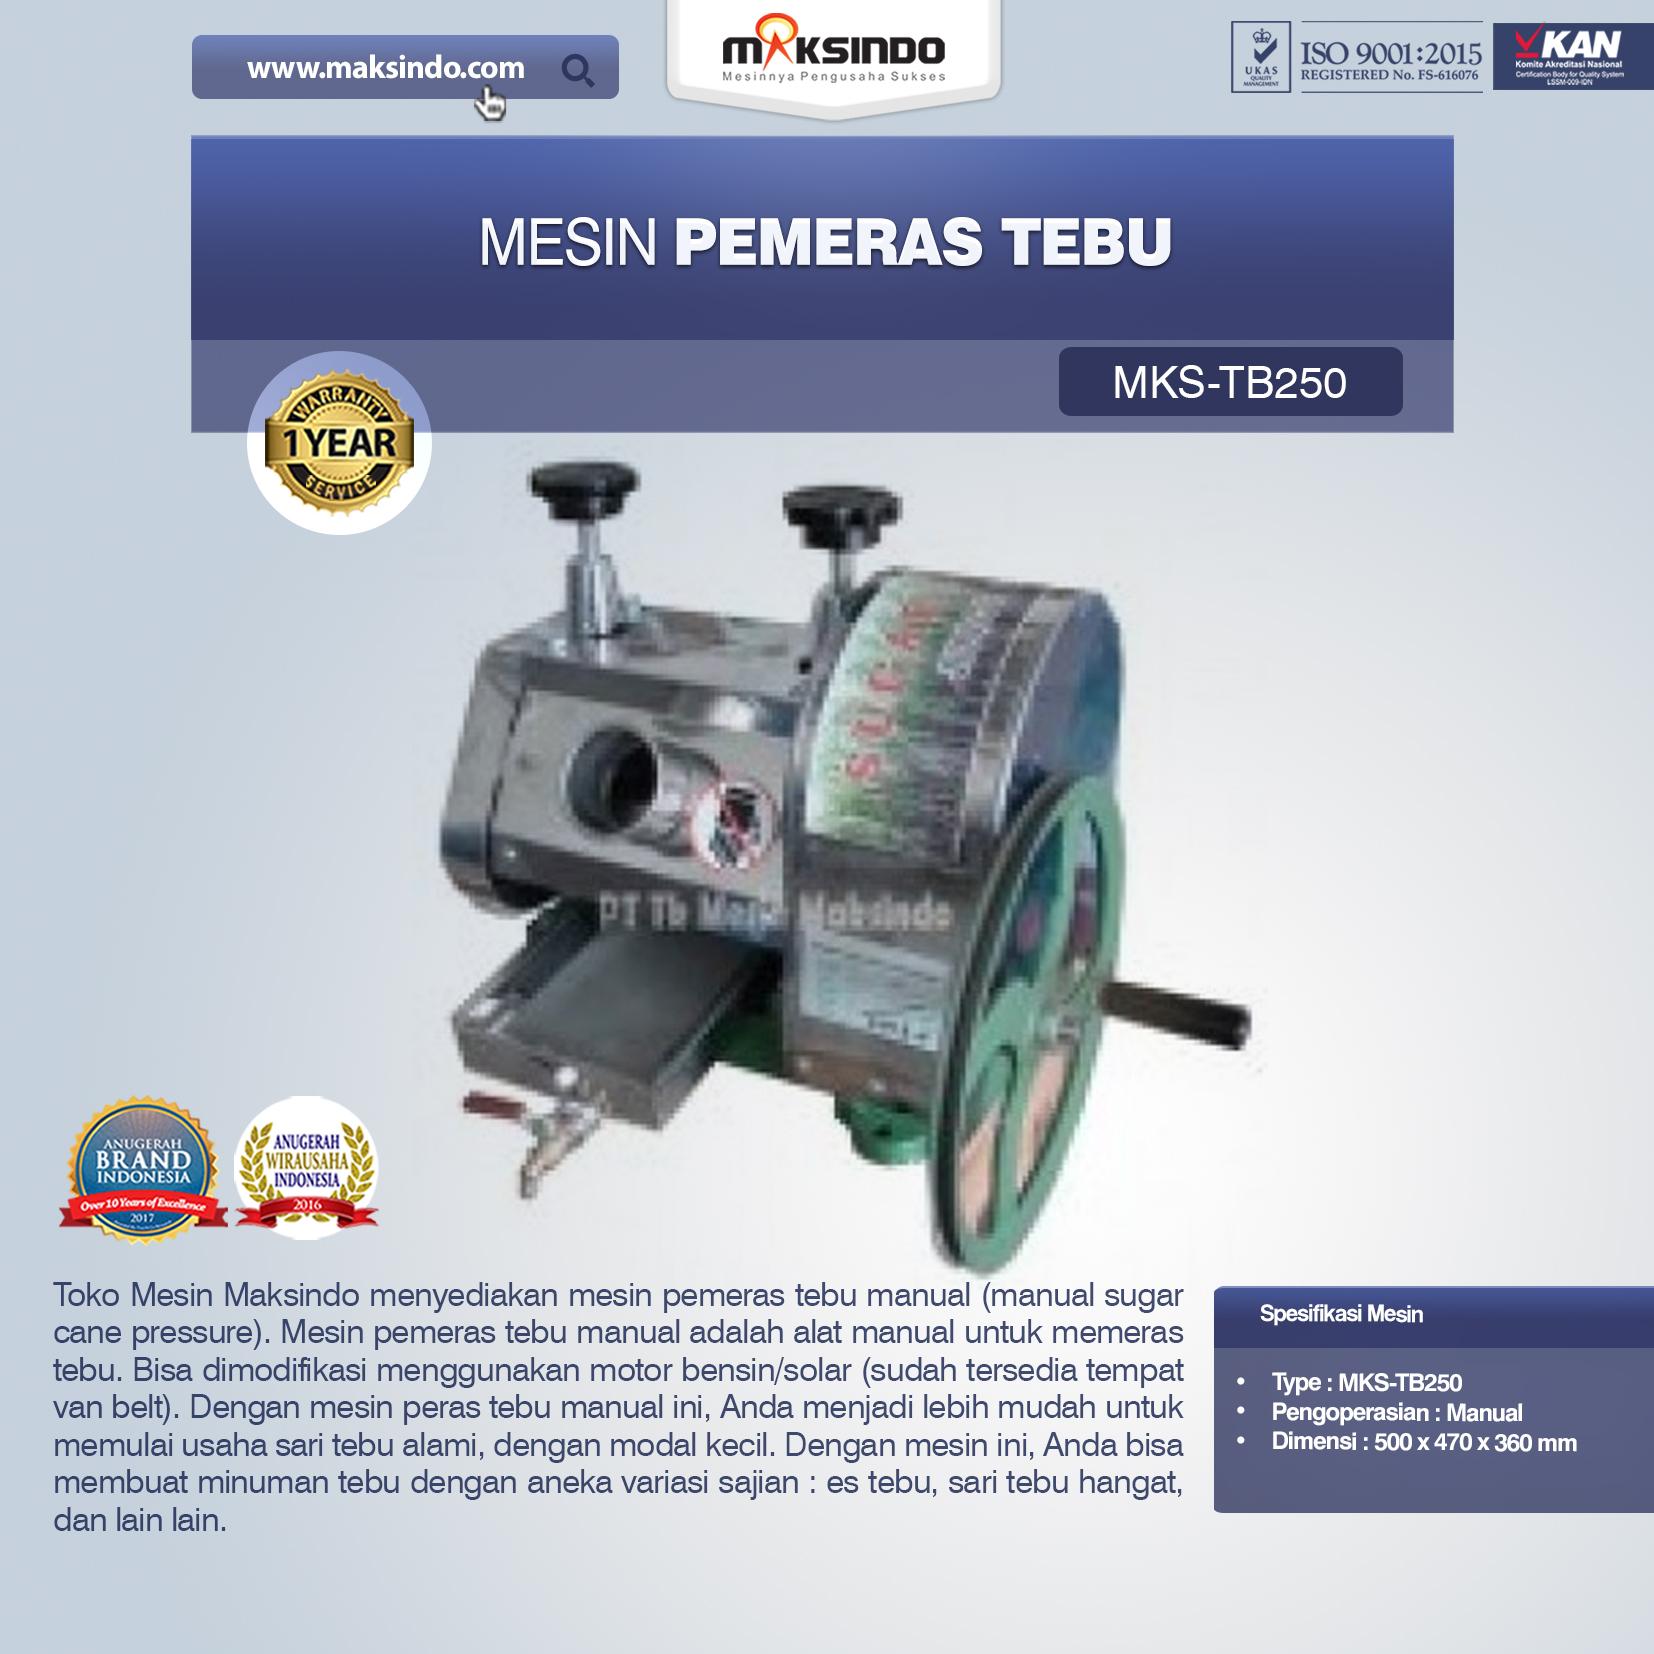 Jual Mesin Pemeras Tebu di Palembang